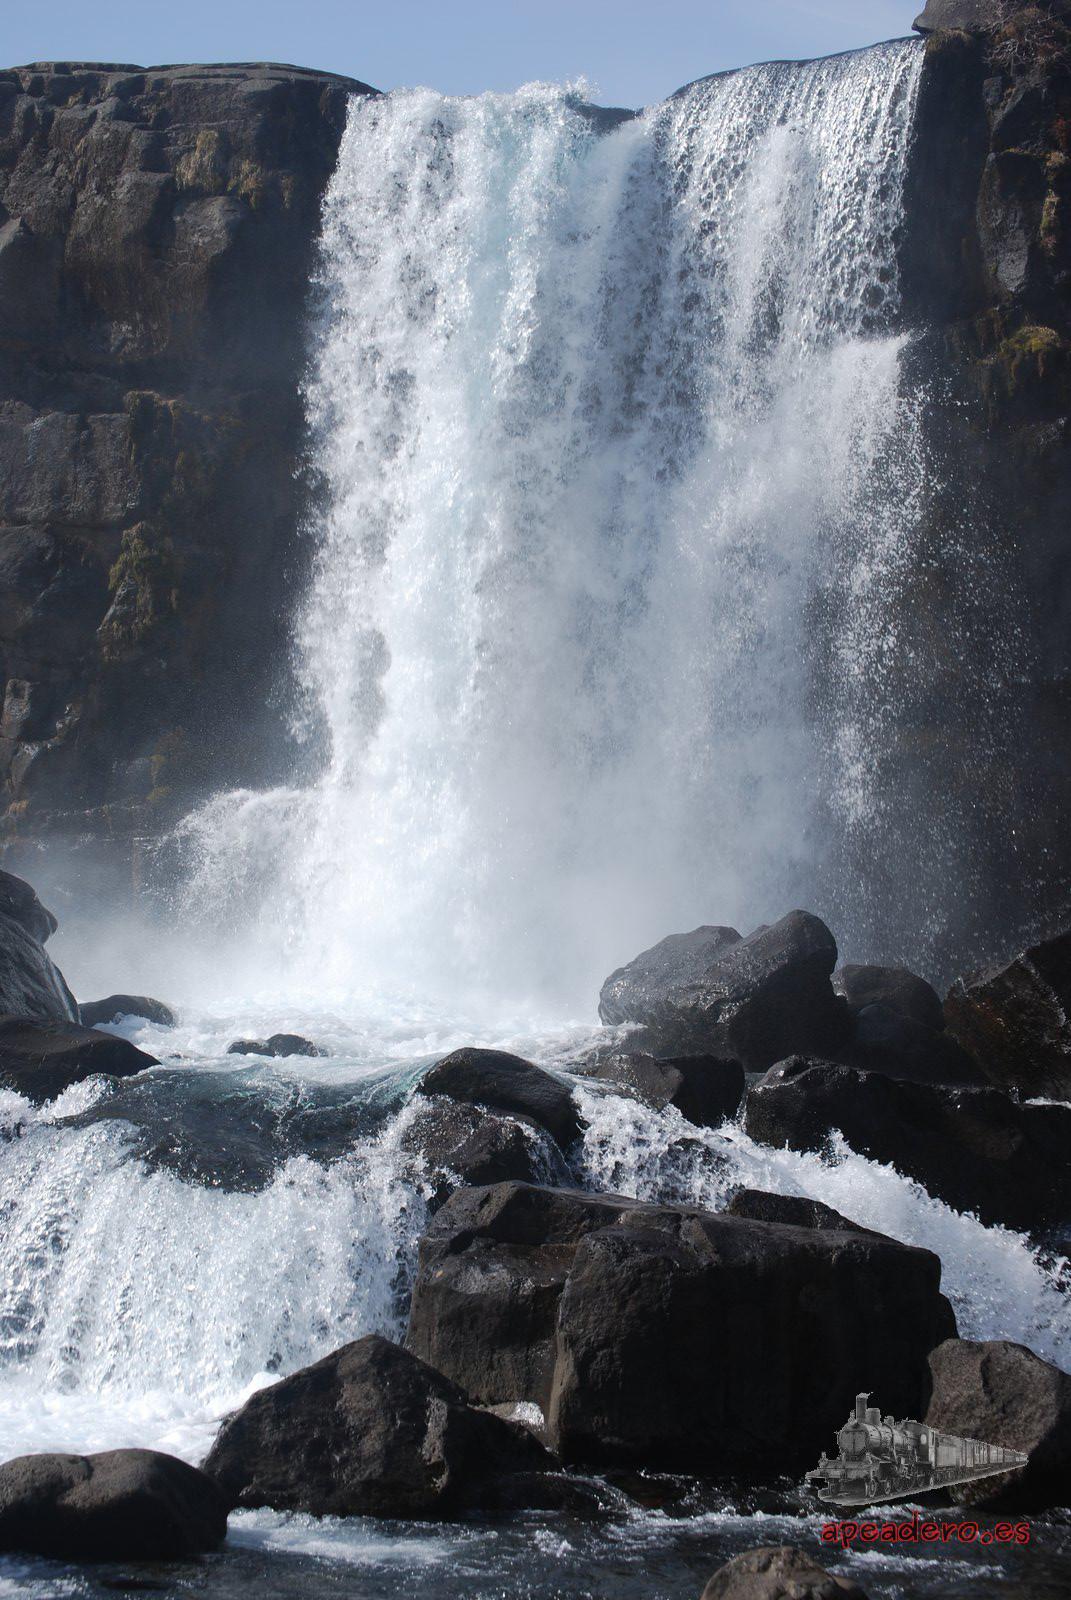 La catarata de Oxararfoss a estas alturas ya no nos pareció demasiado espectacular, aunque vista así y en frío, sí que merece una visita.